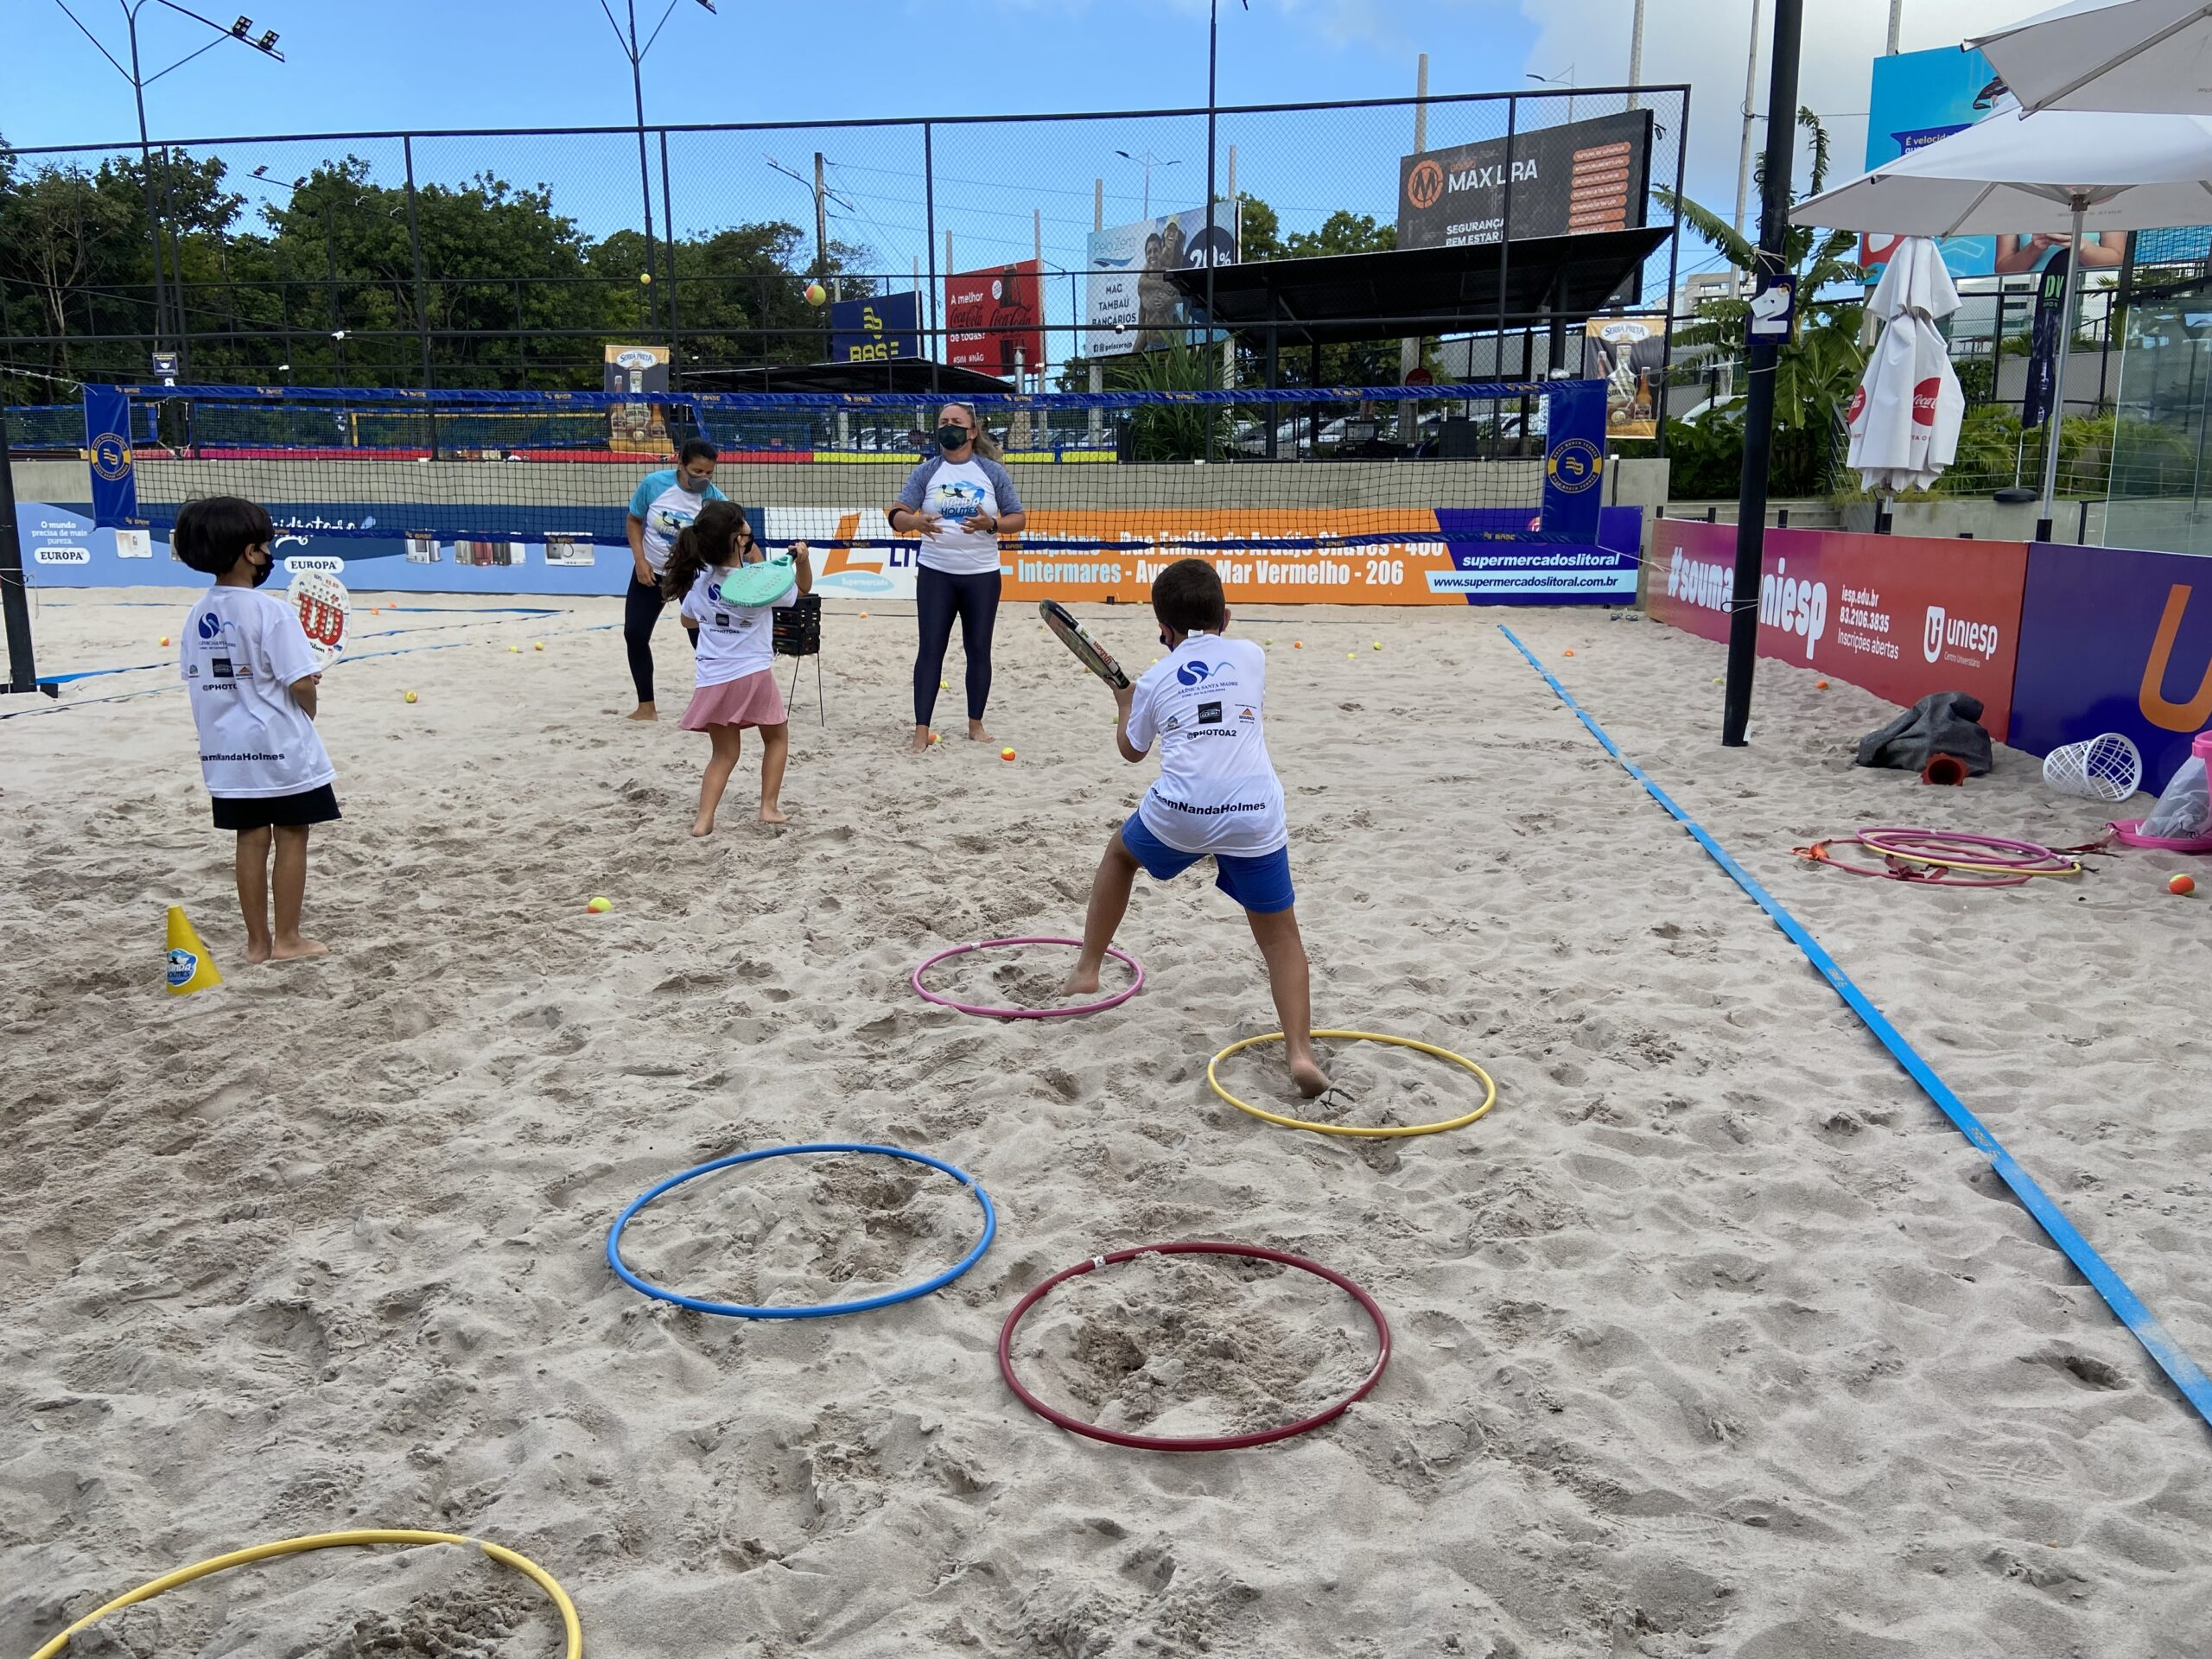 Paraíba sedia 1º torneio de beach tennis para crianças